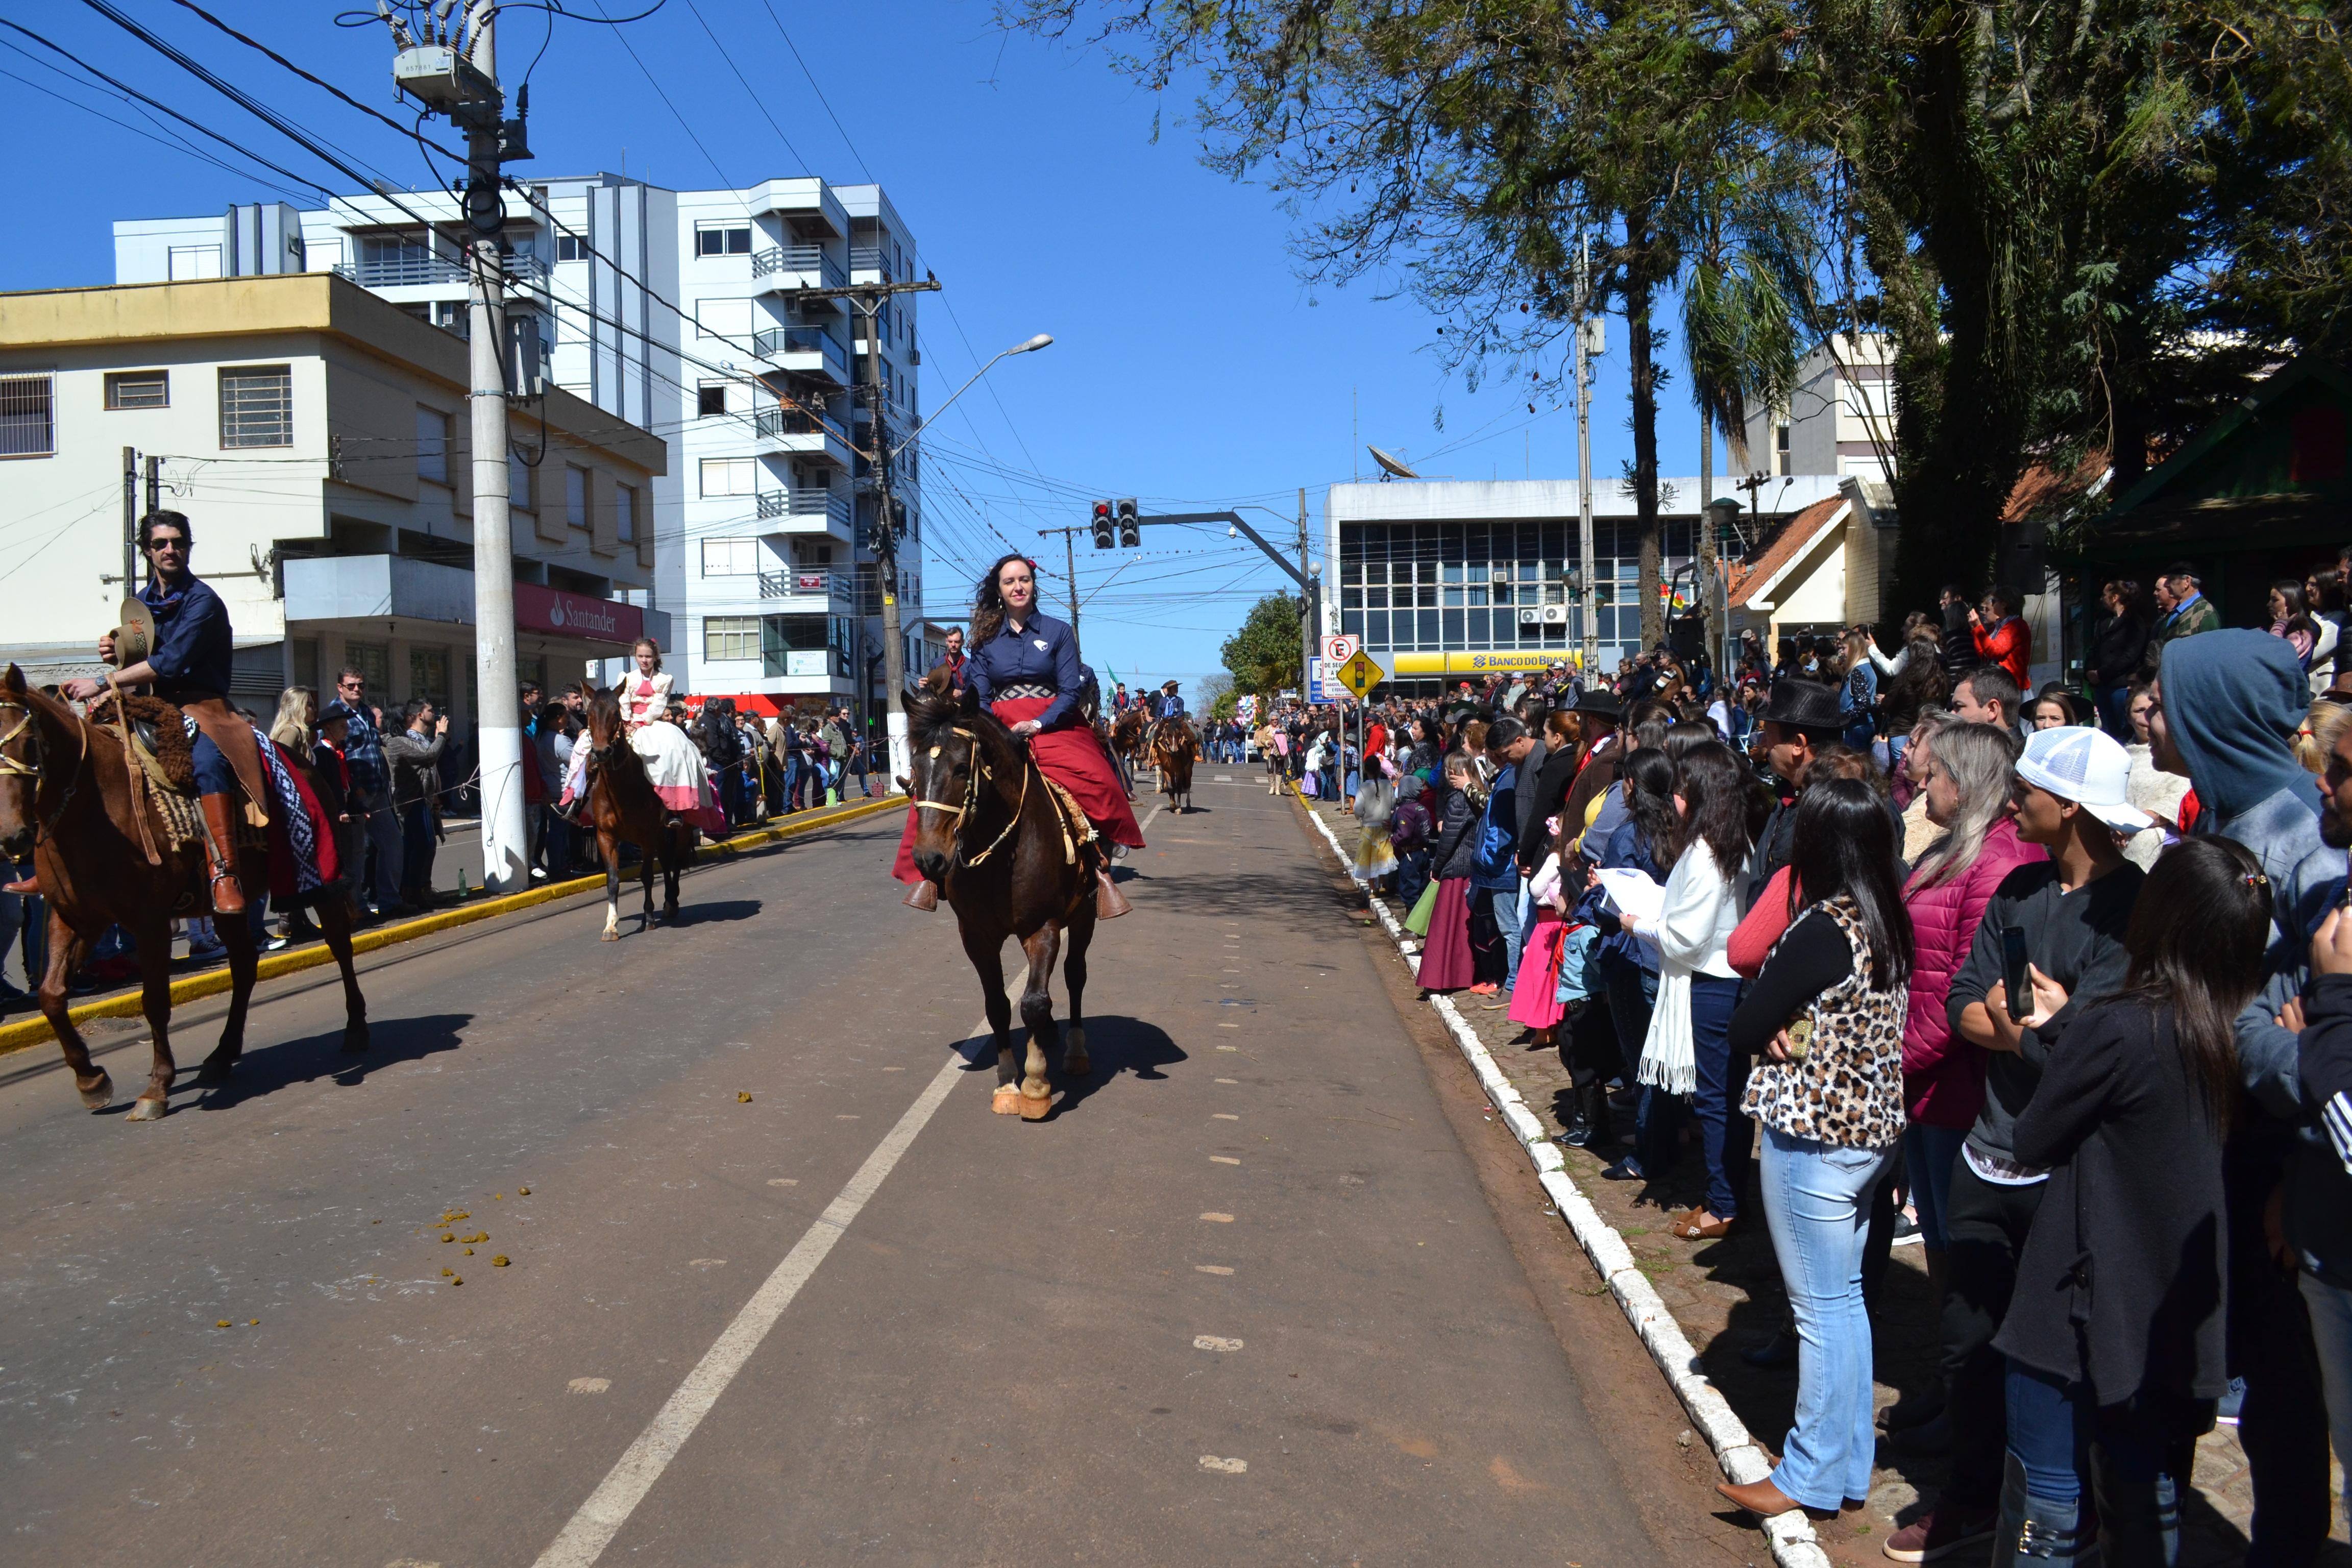 Desfile encerra Festejos Farroupilhas